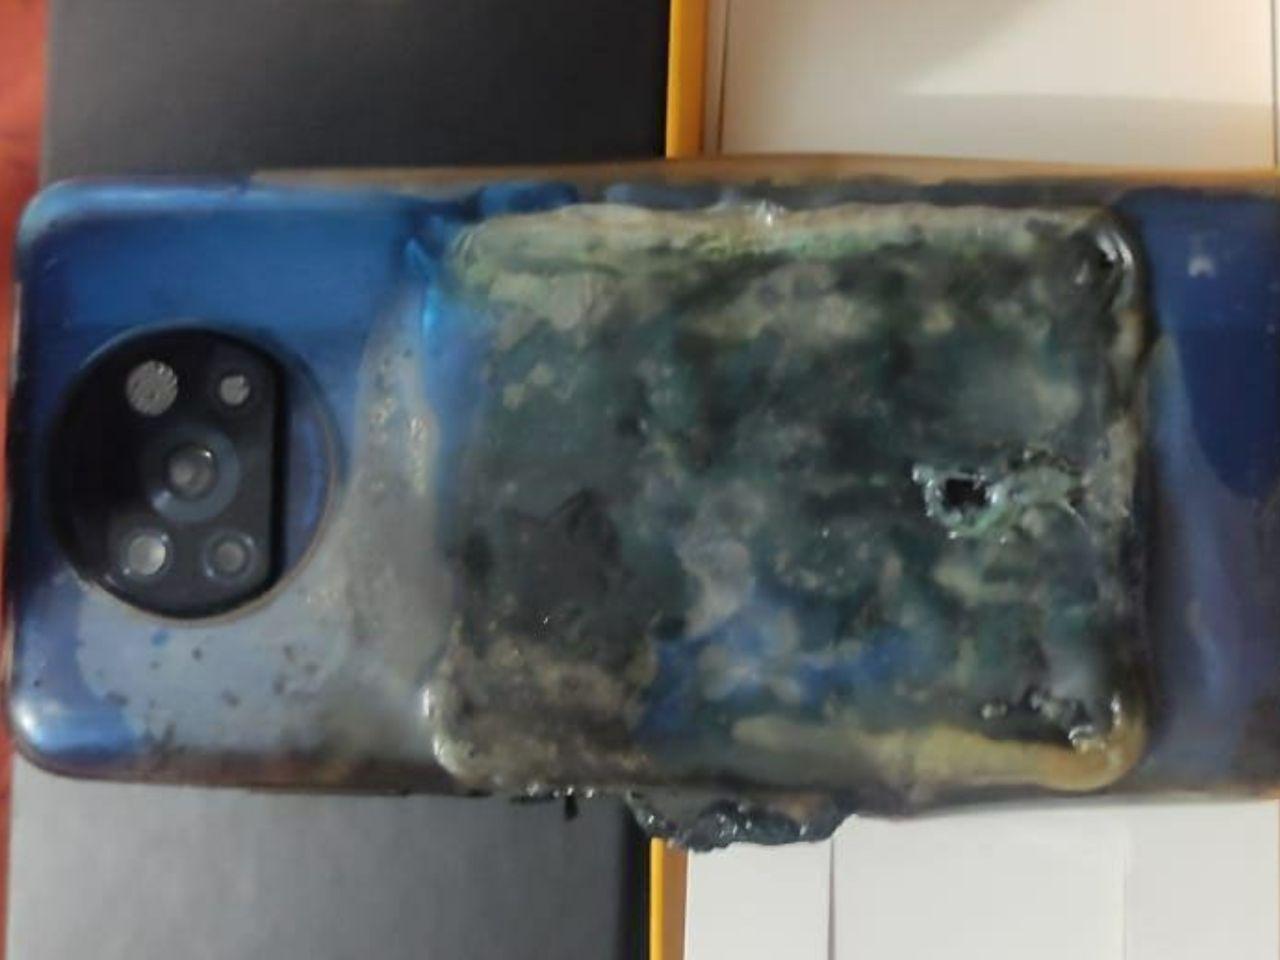 انفجار پوکو ایکس ٣ در هنگام شارژ شدن!